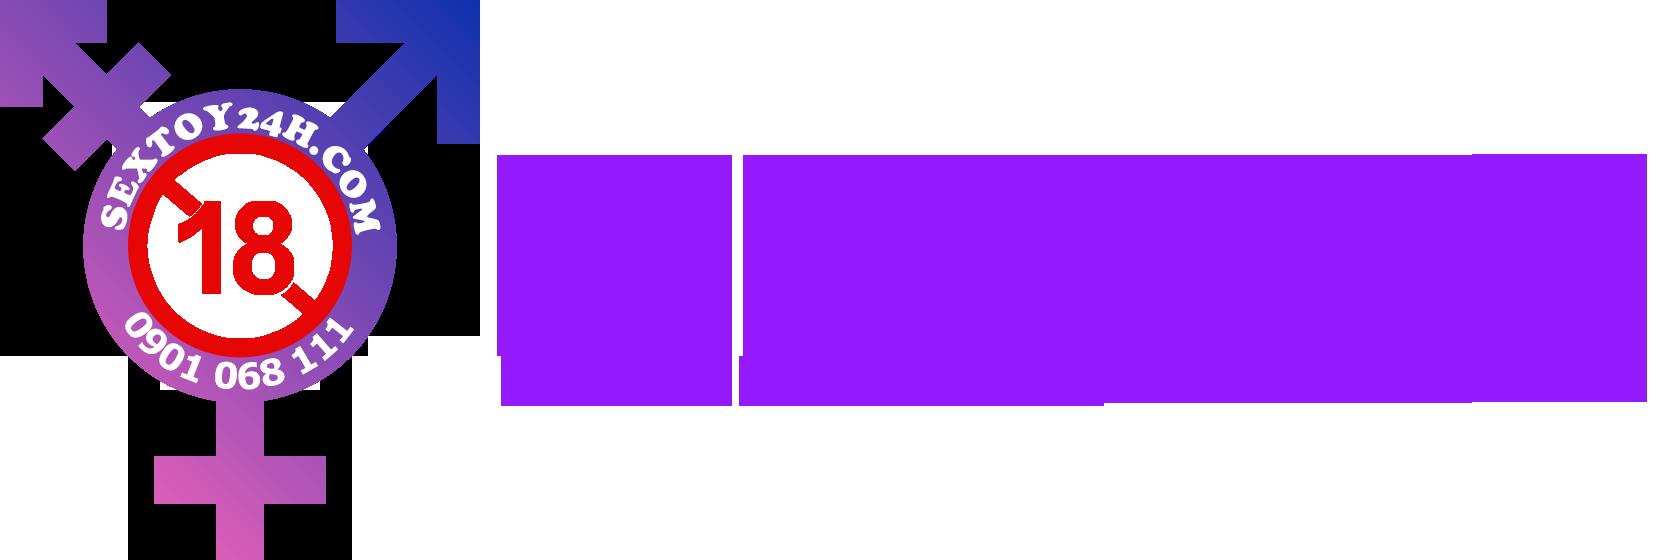 SexToy Chính Hãng > 0901 068 111